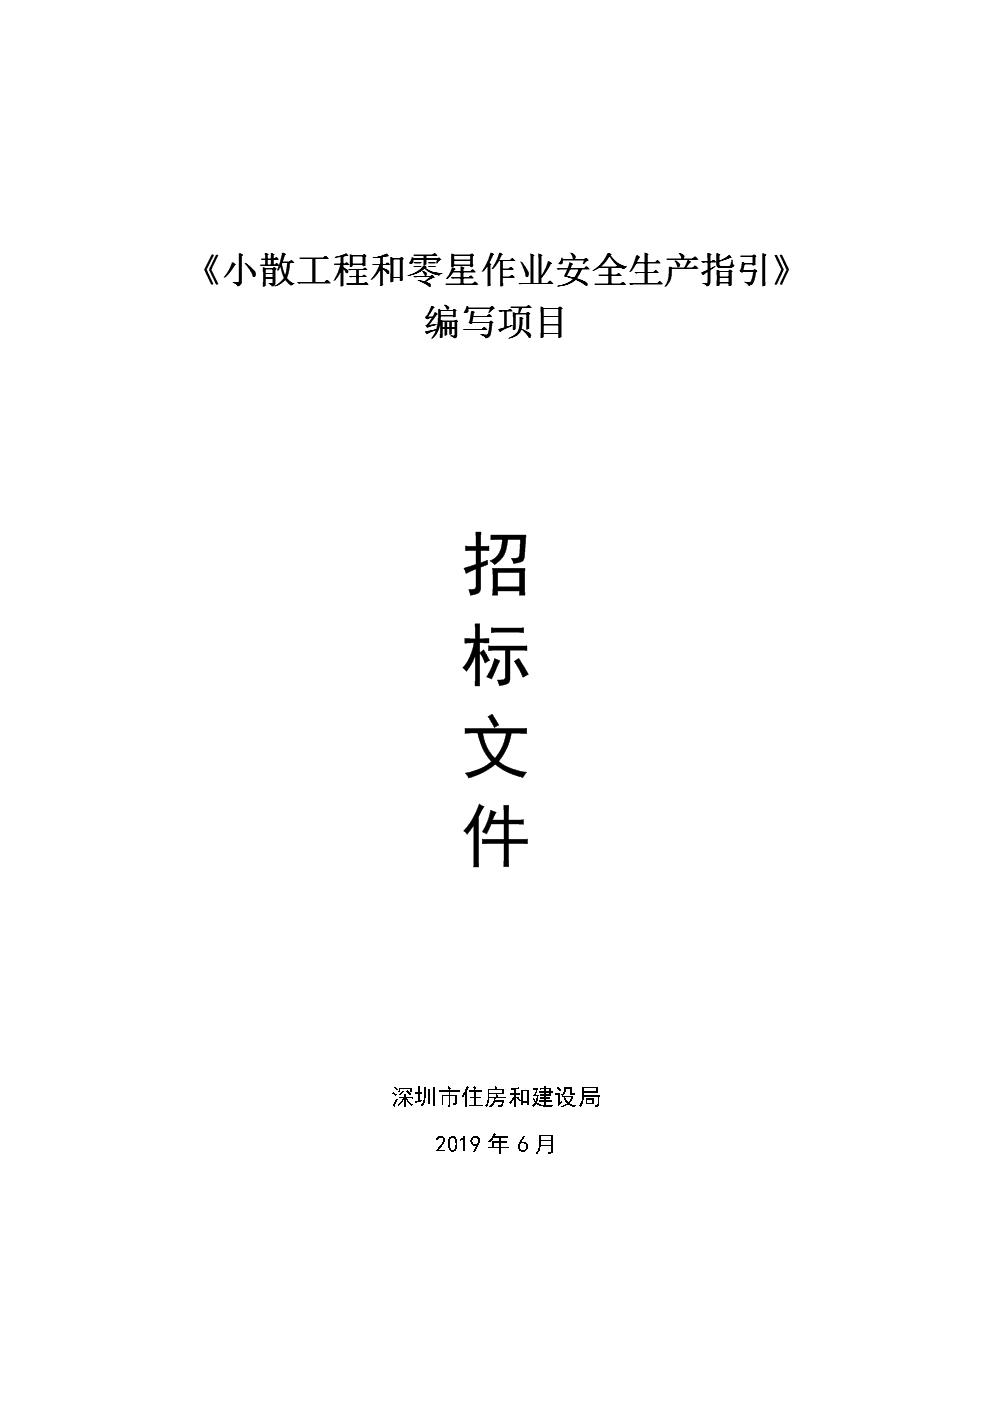 深圳《小散工程和零星作业安全生产指引》编写项目招标文件.doc